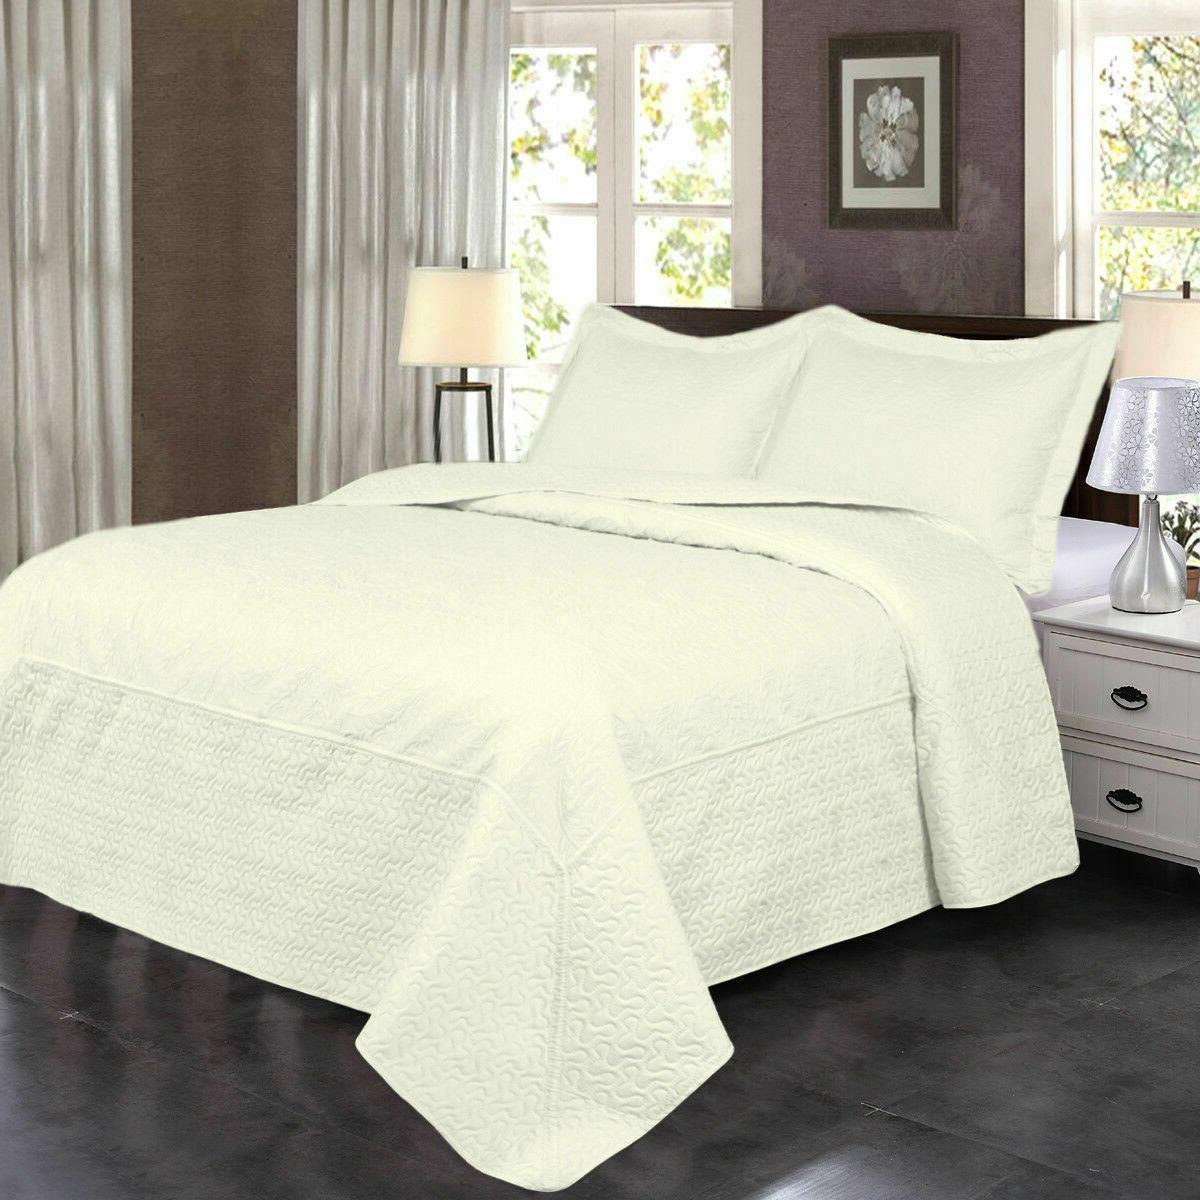 Quilt Set Pattern Bedspread Coverlet